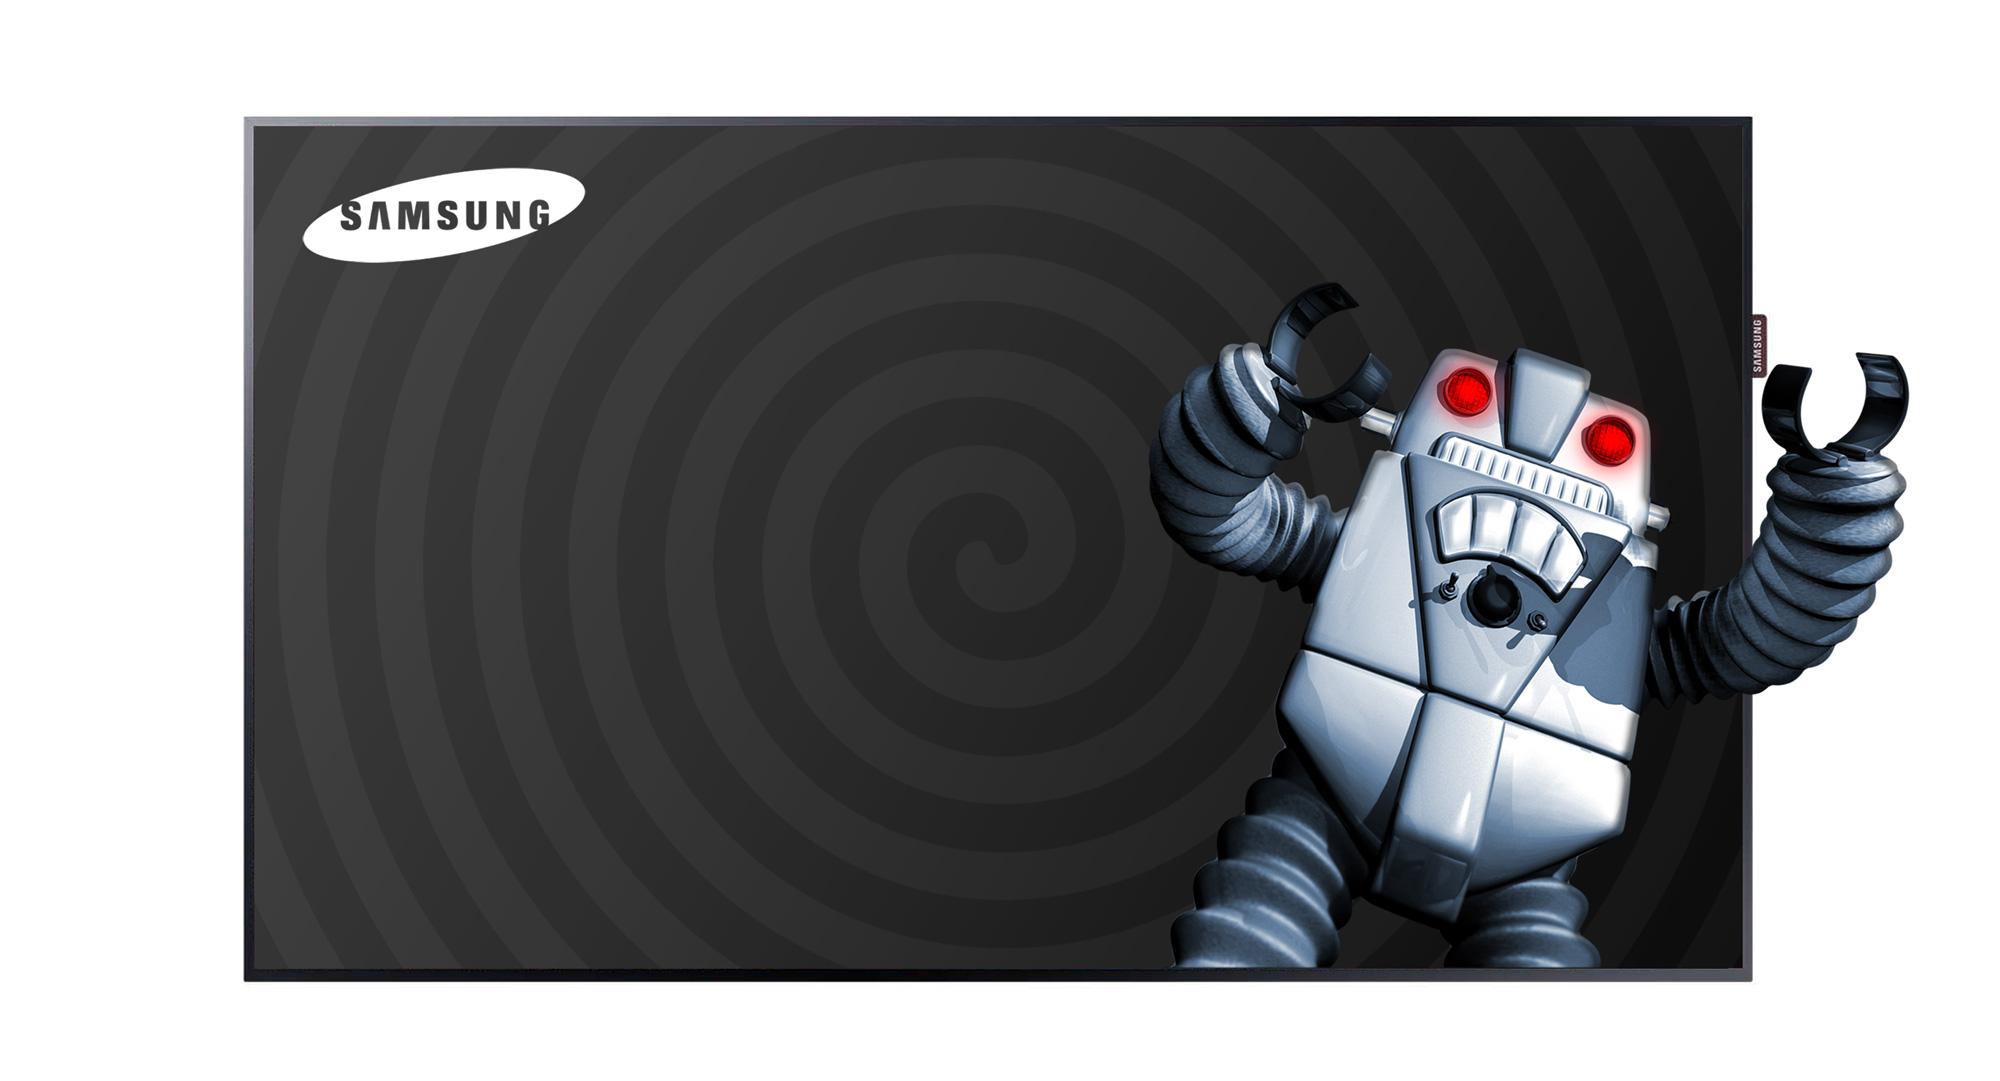 Samsung-PM32F-front-w-robot.jpg